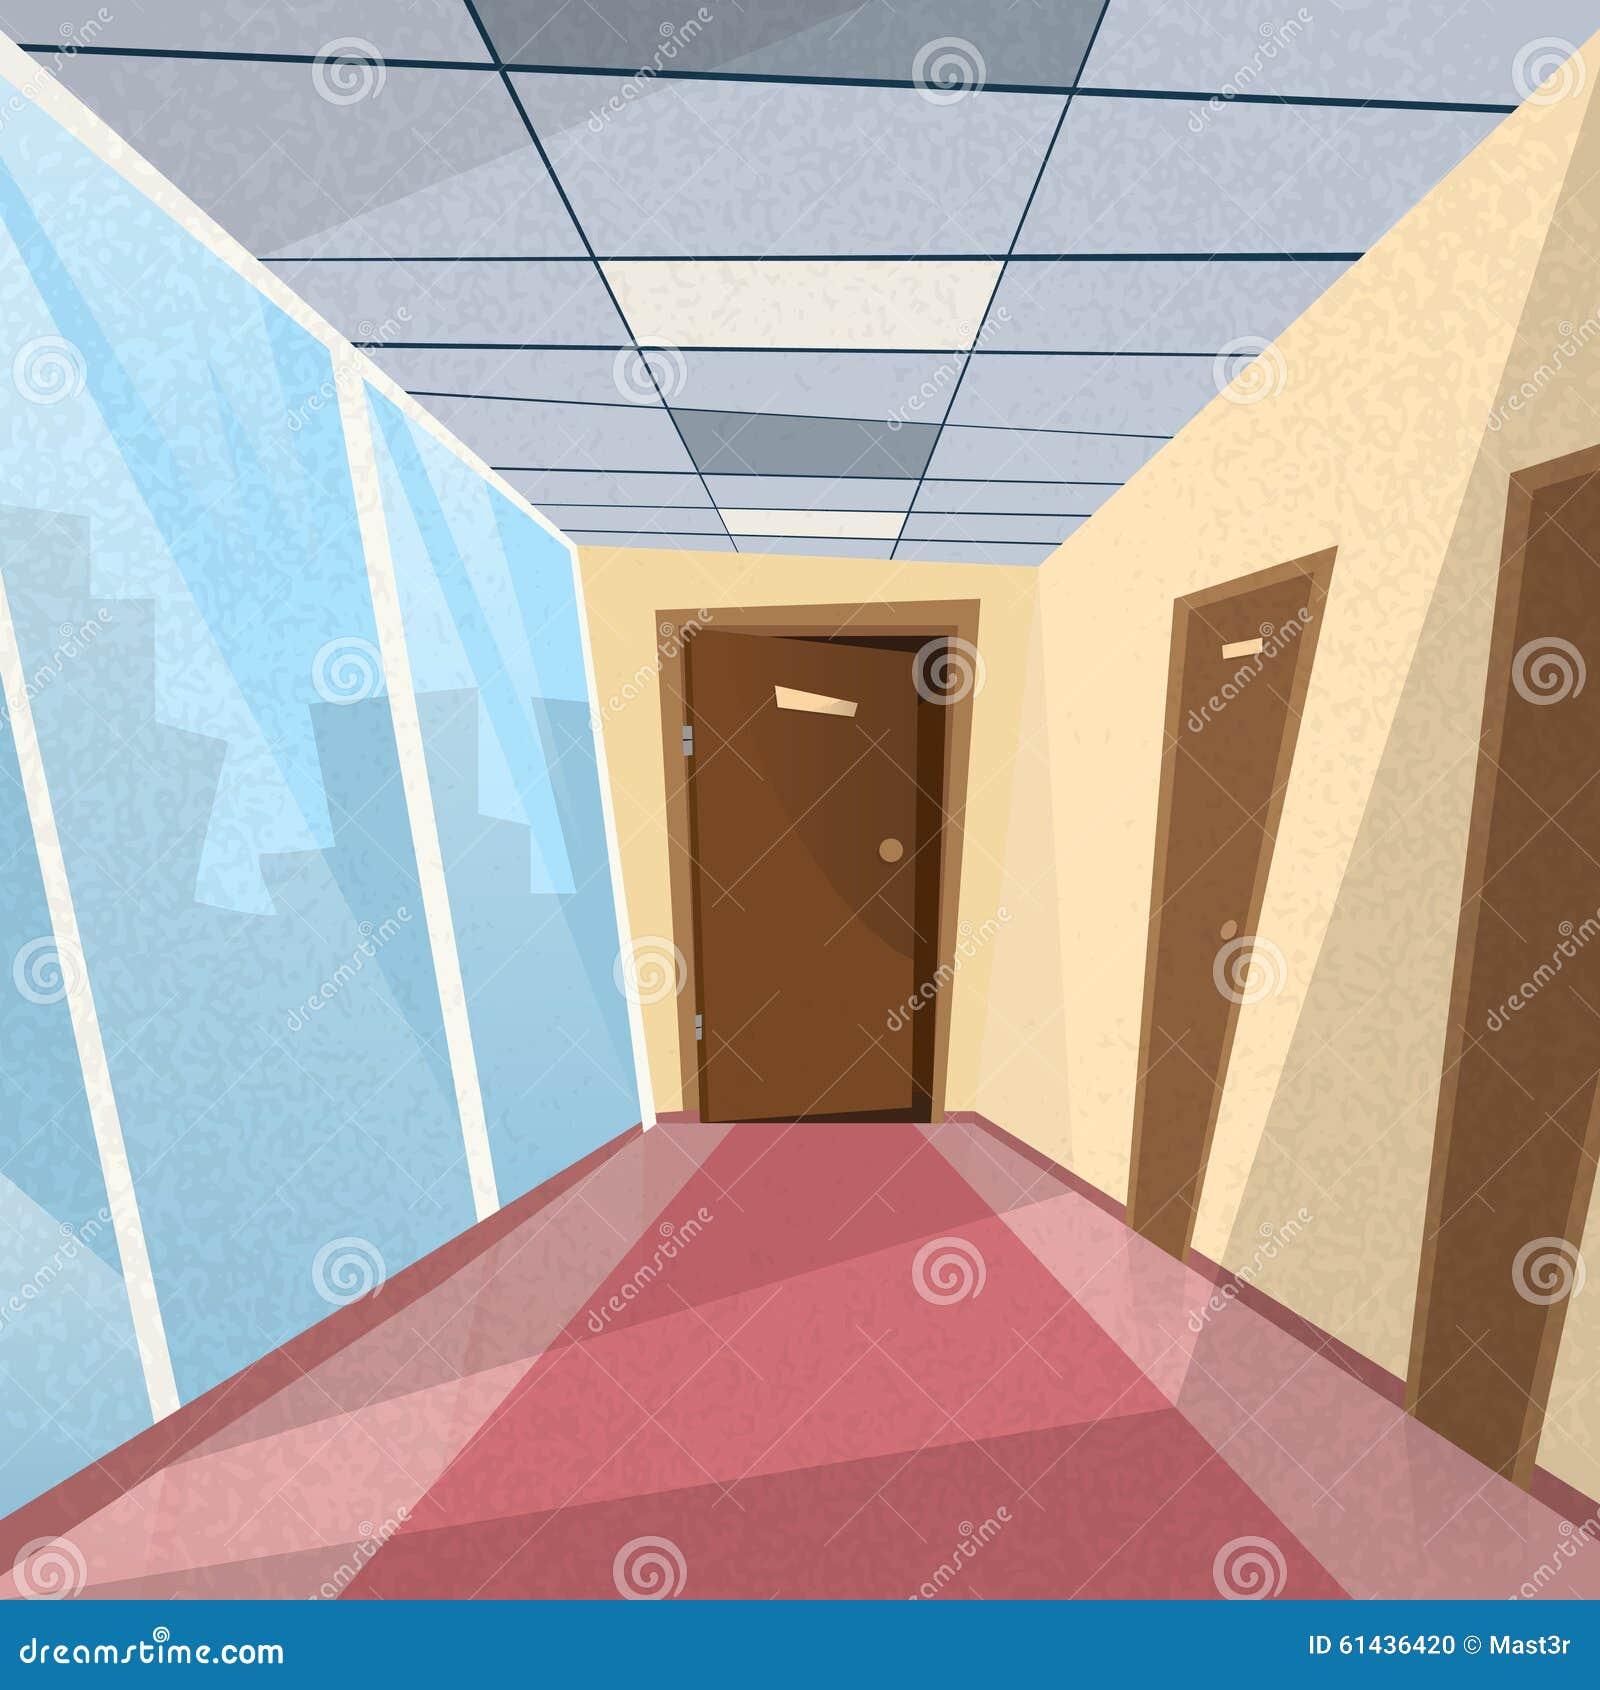 room doors vector art - photo #17